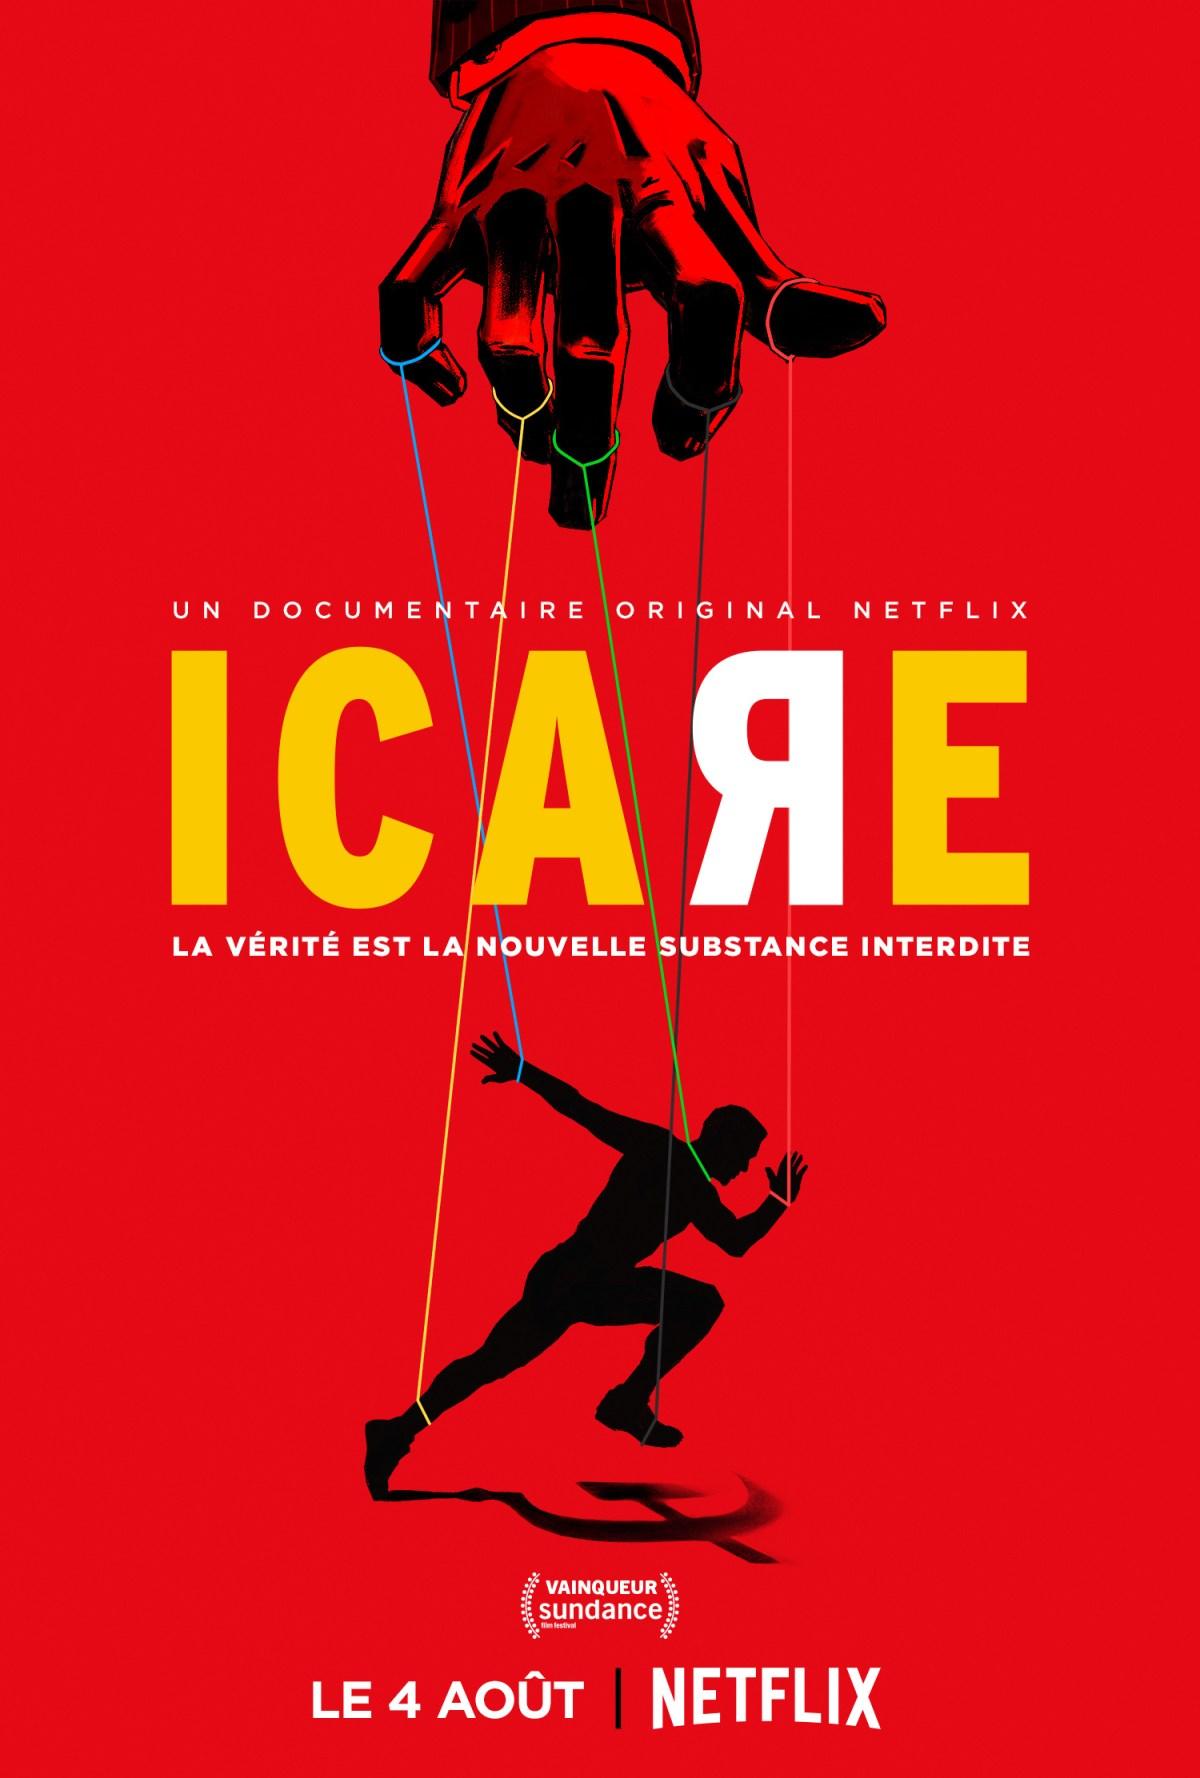 Icare», l'incroyable docu-thriller qui nous emmène dans les ...